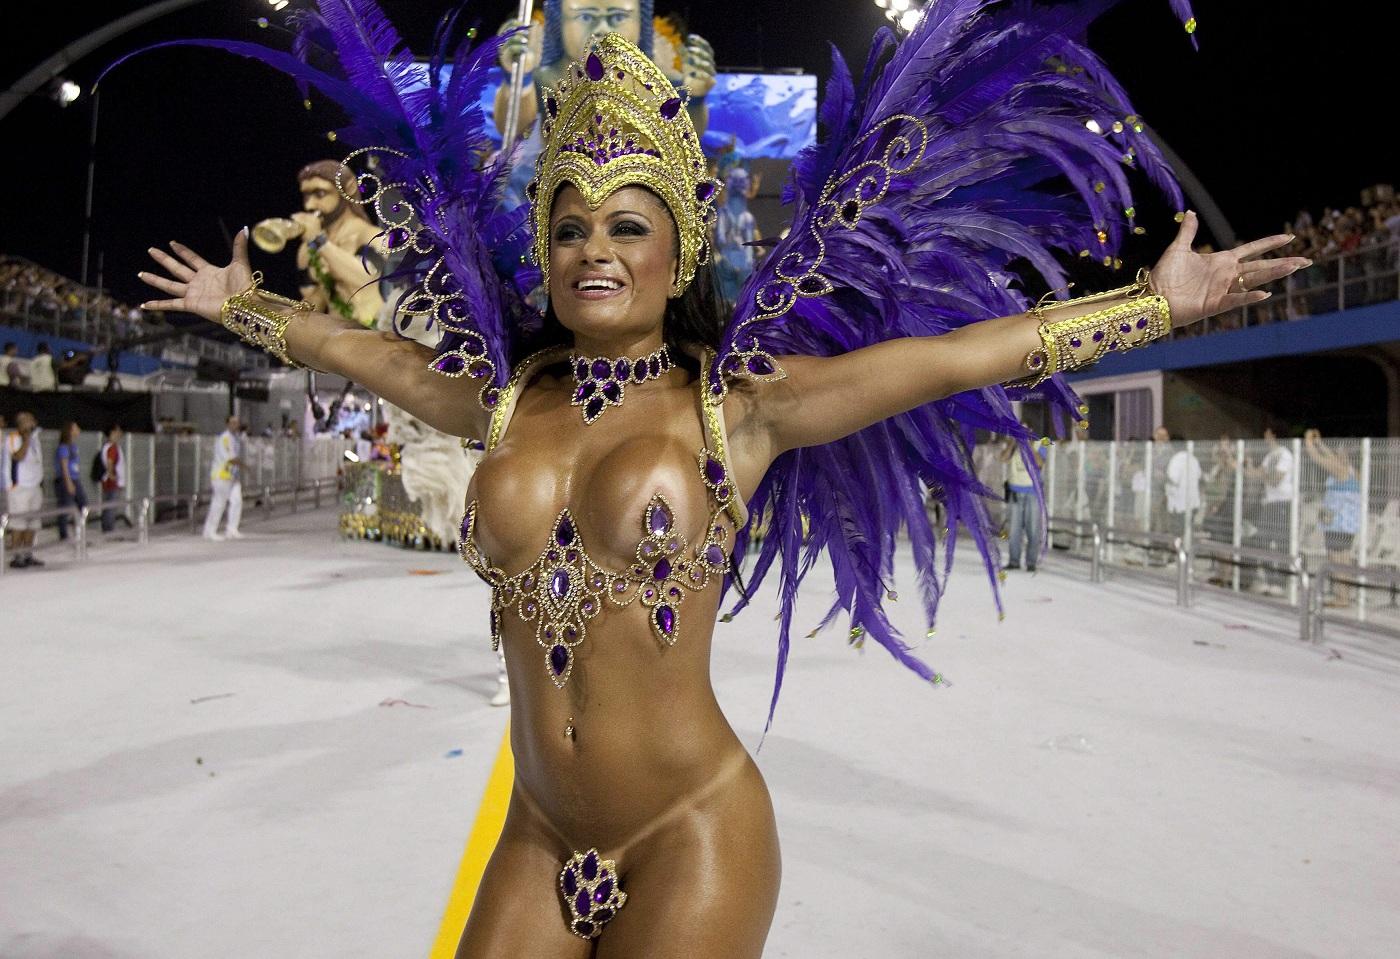 Бразильский карнавал голые девушек